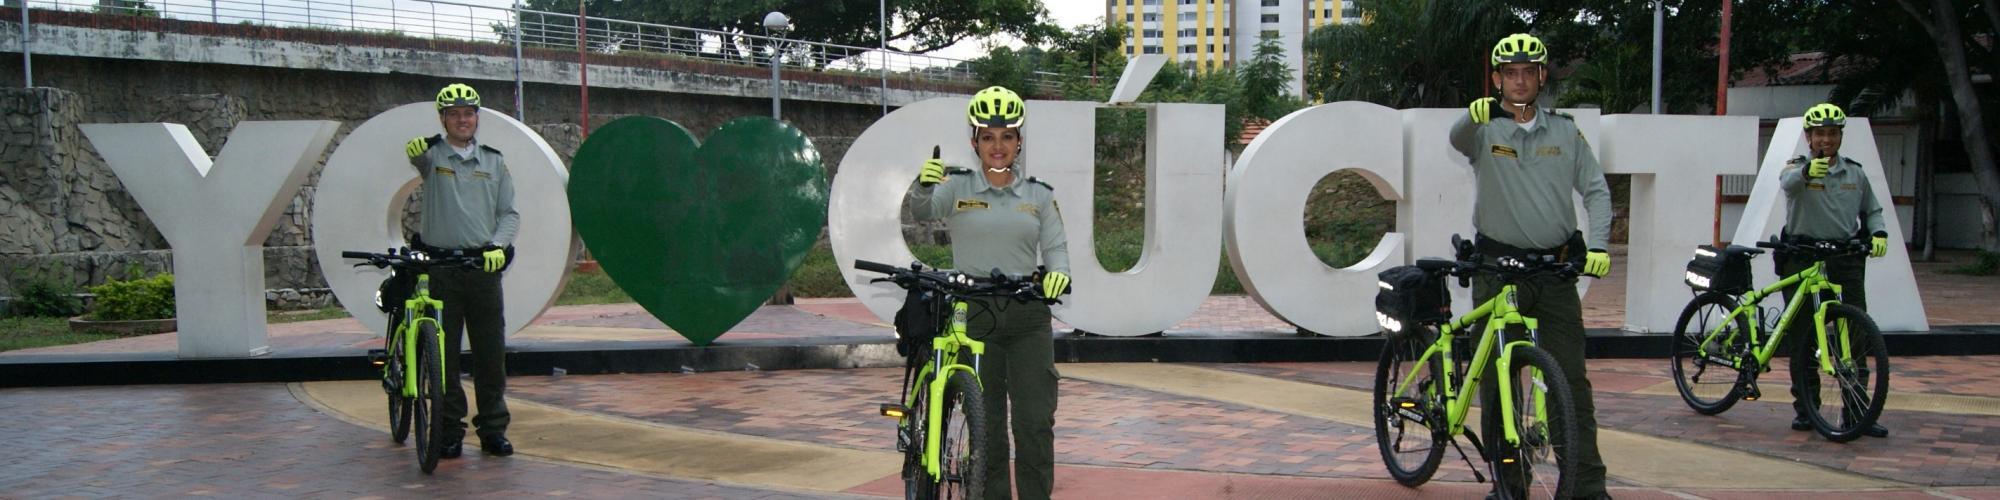 Grupo de Turismo de la Policía Metropolitana de Cúcuta en el Malecón